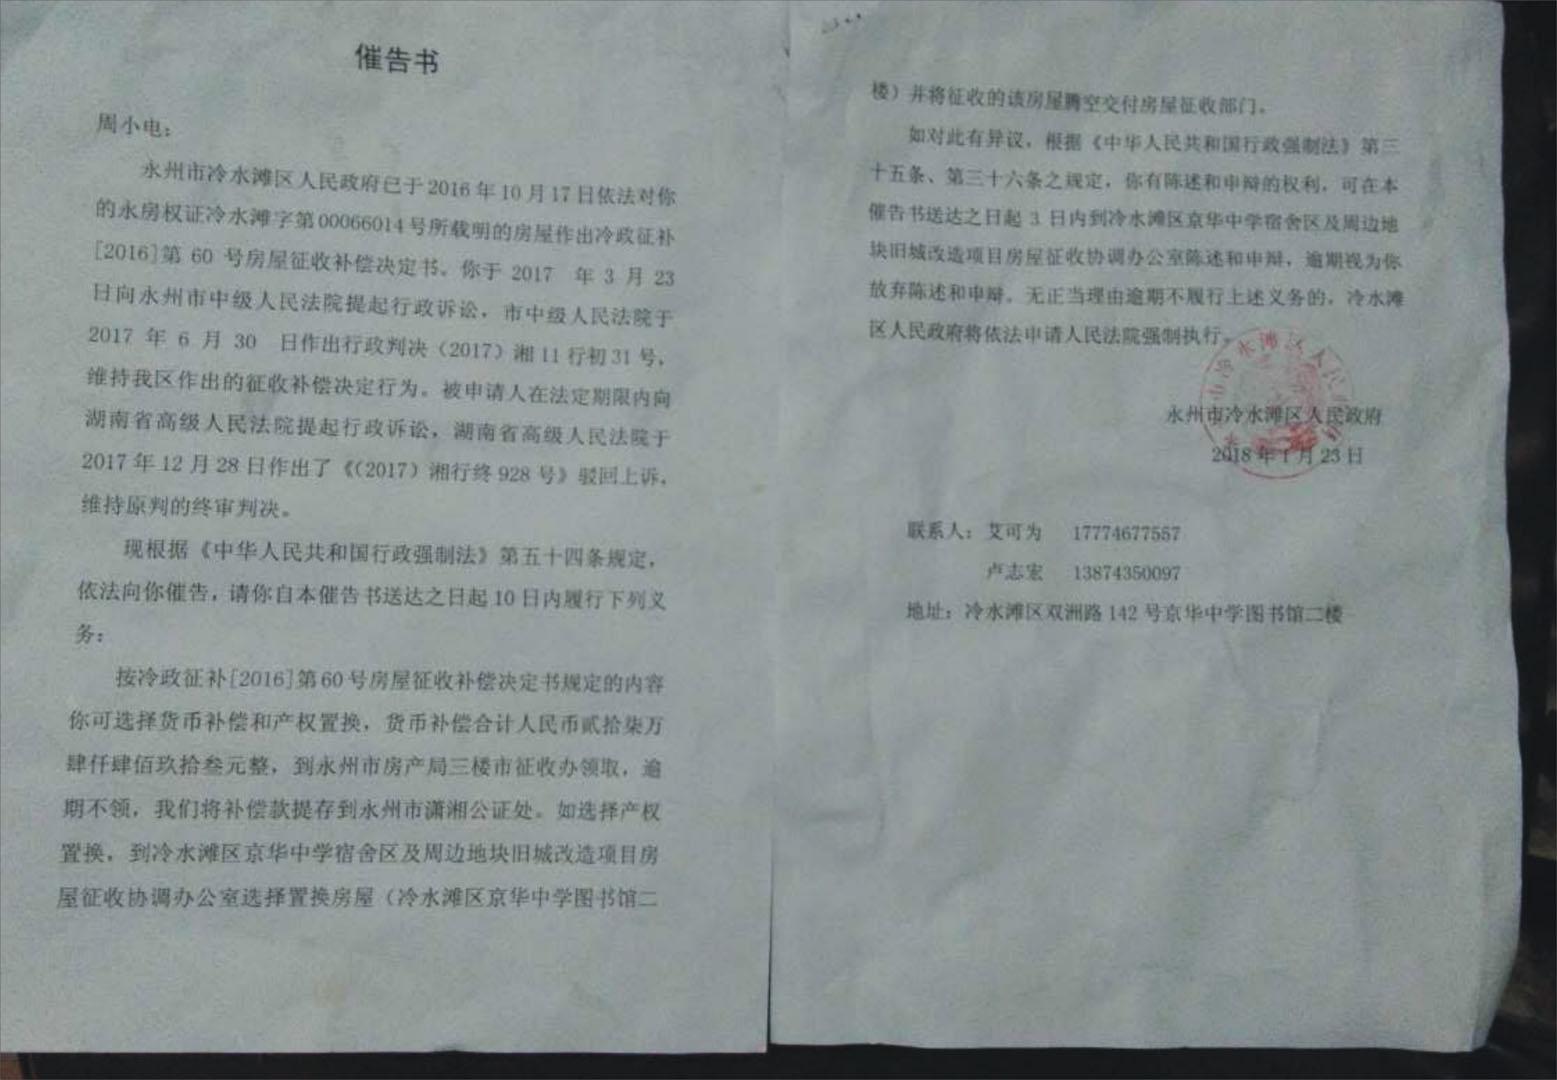 冷水滩区京华中学宿舍区征收办艾可为即将非法强拆